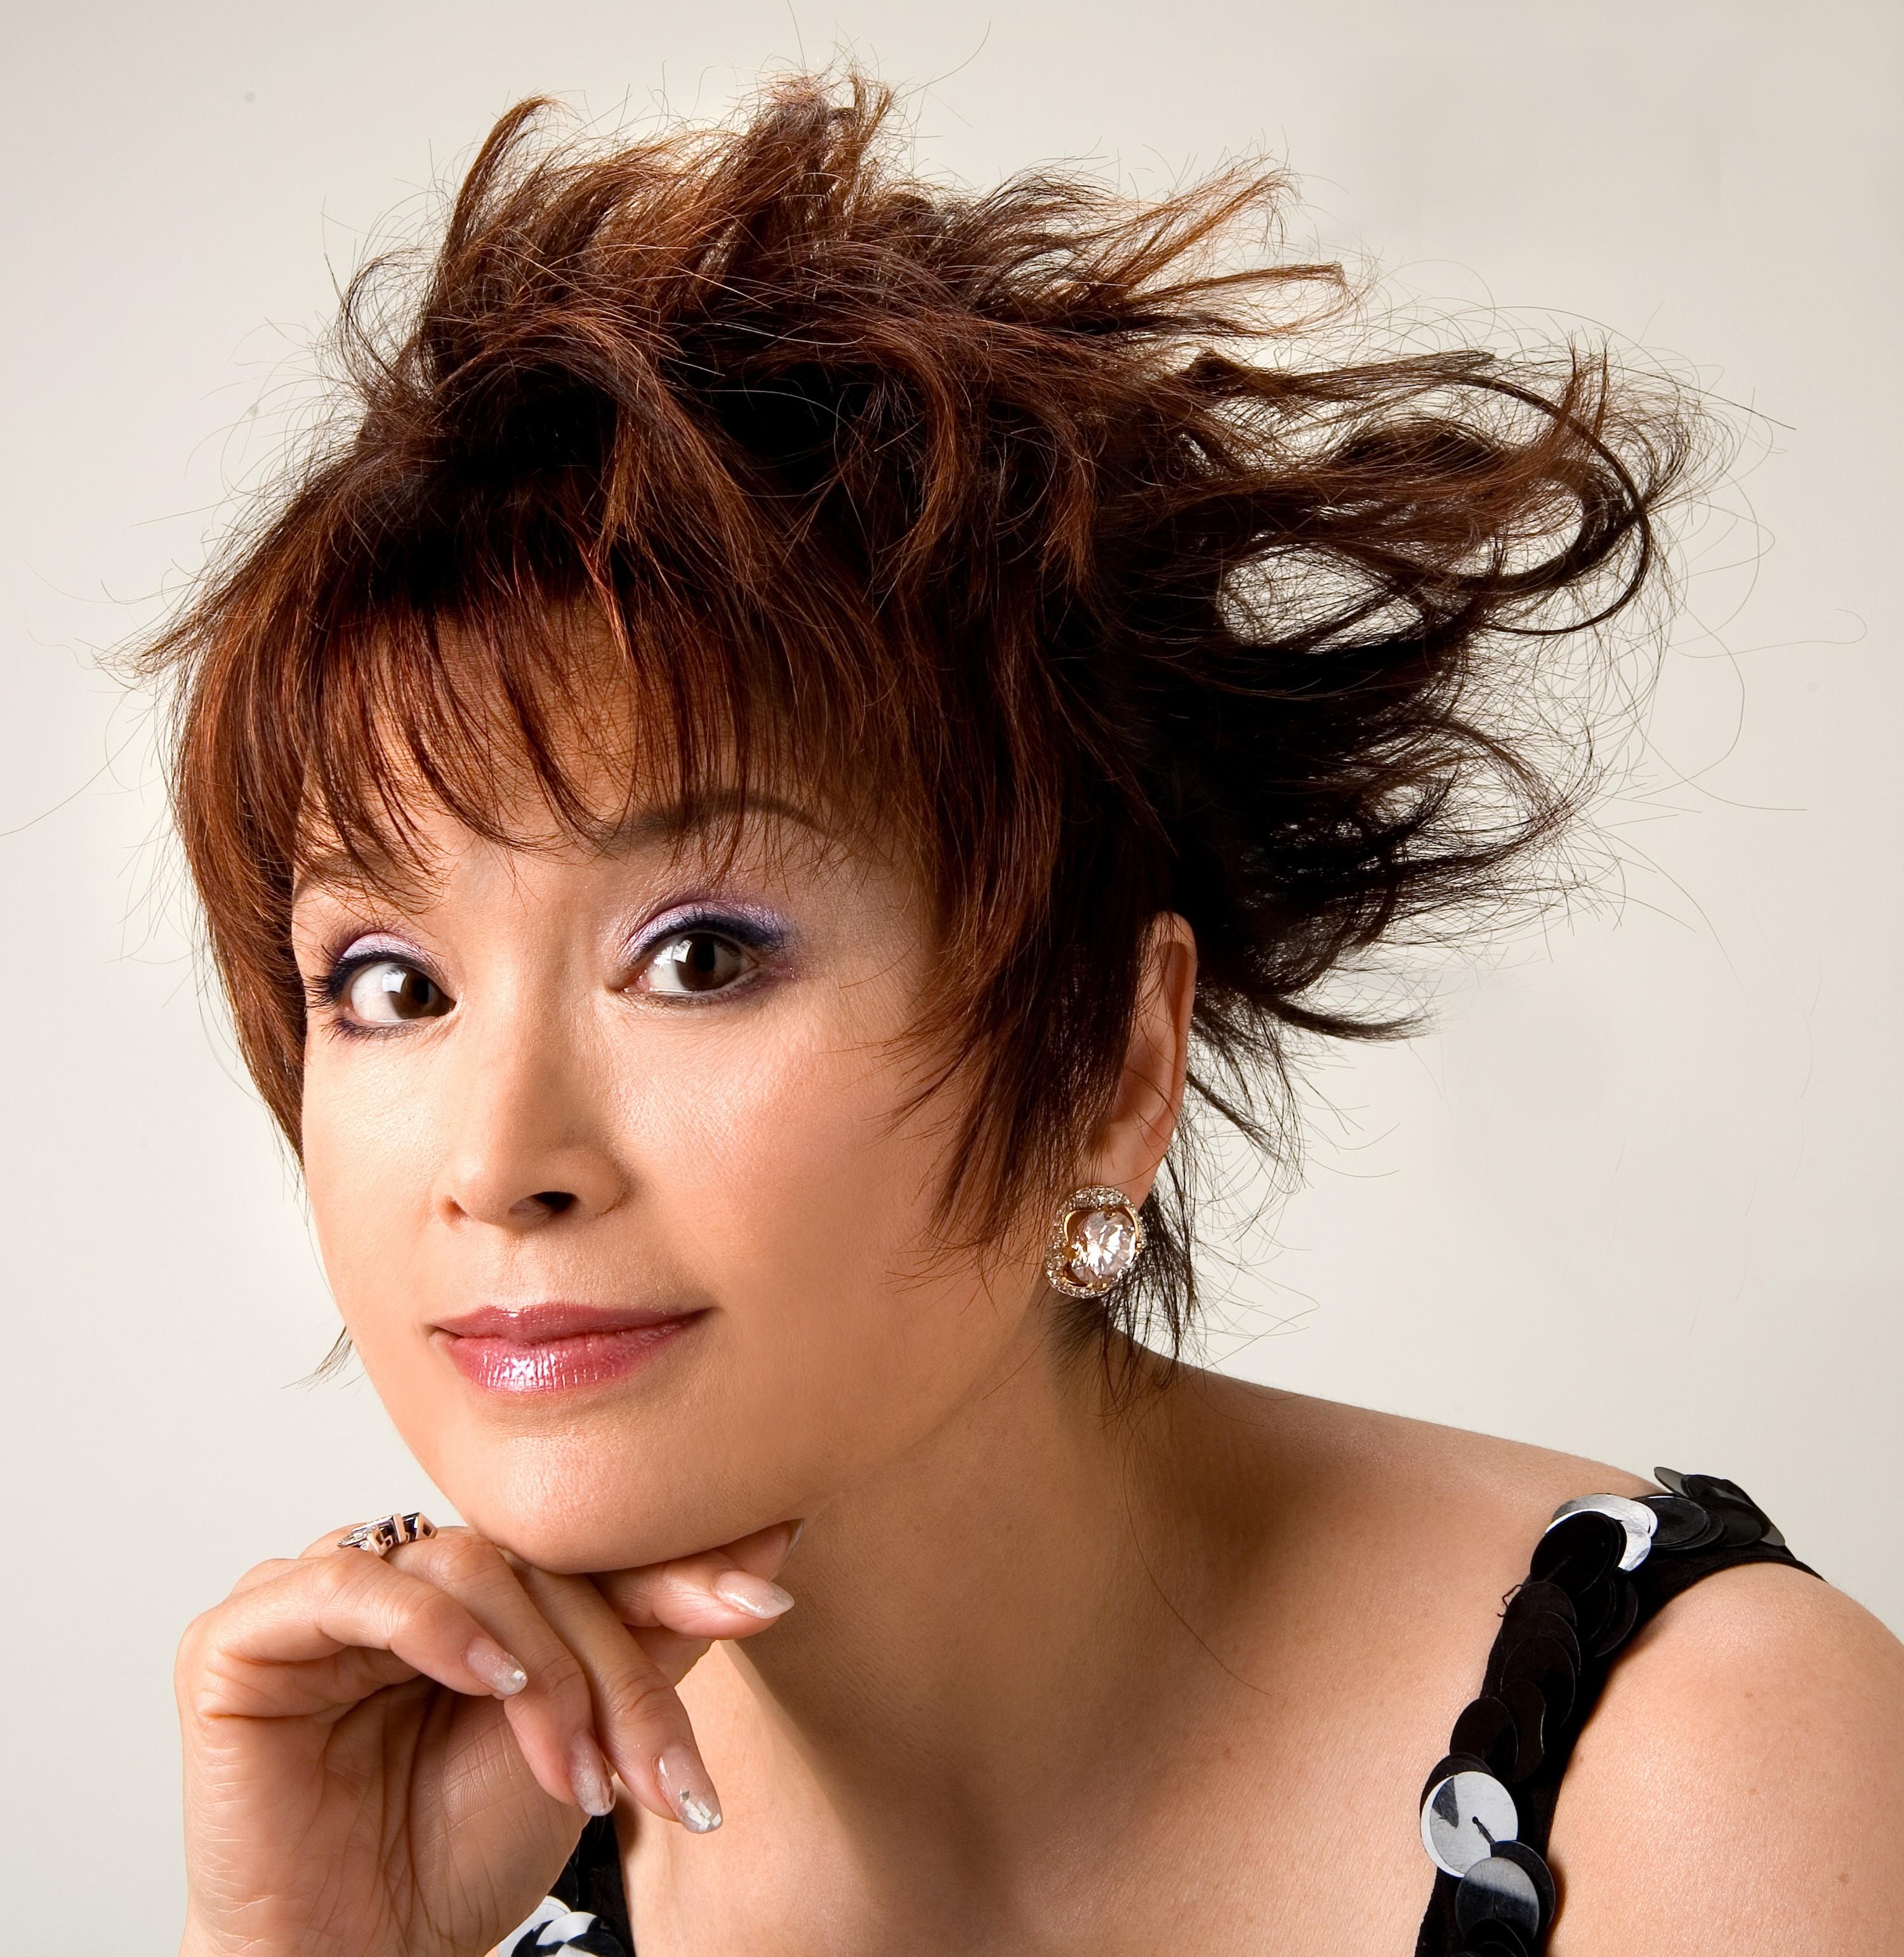 Youko Maekawa | 前川  陽子 | マエカワ ヨウコ | まえかわ ようこ